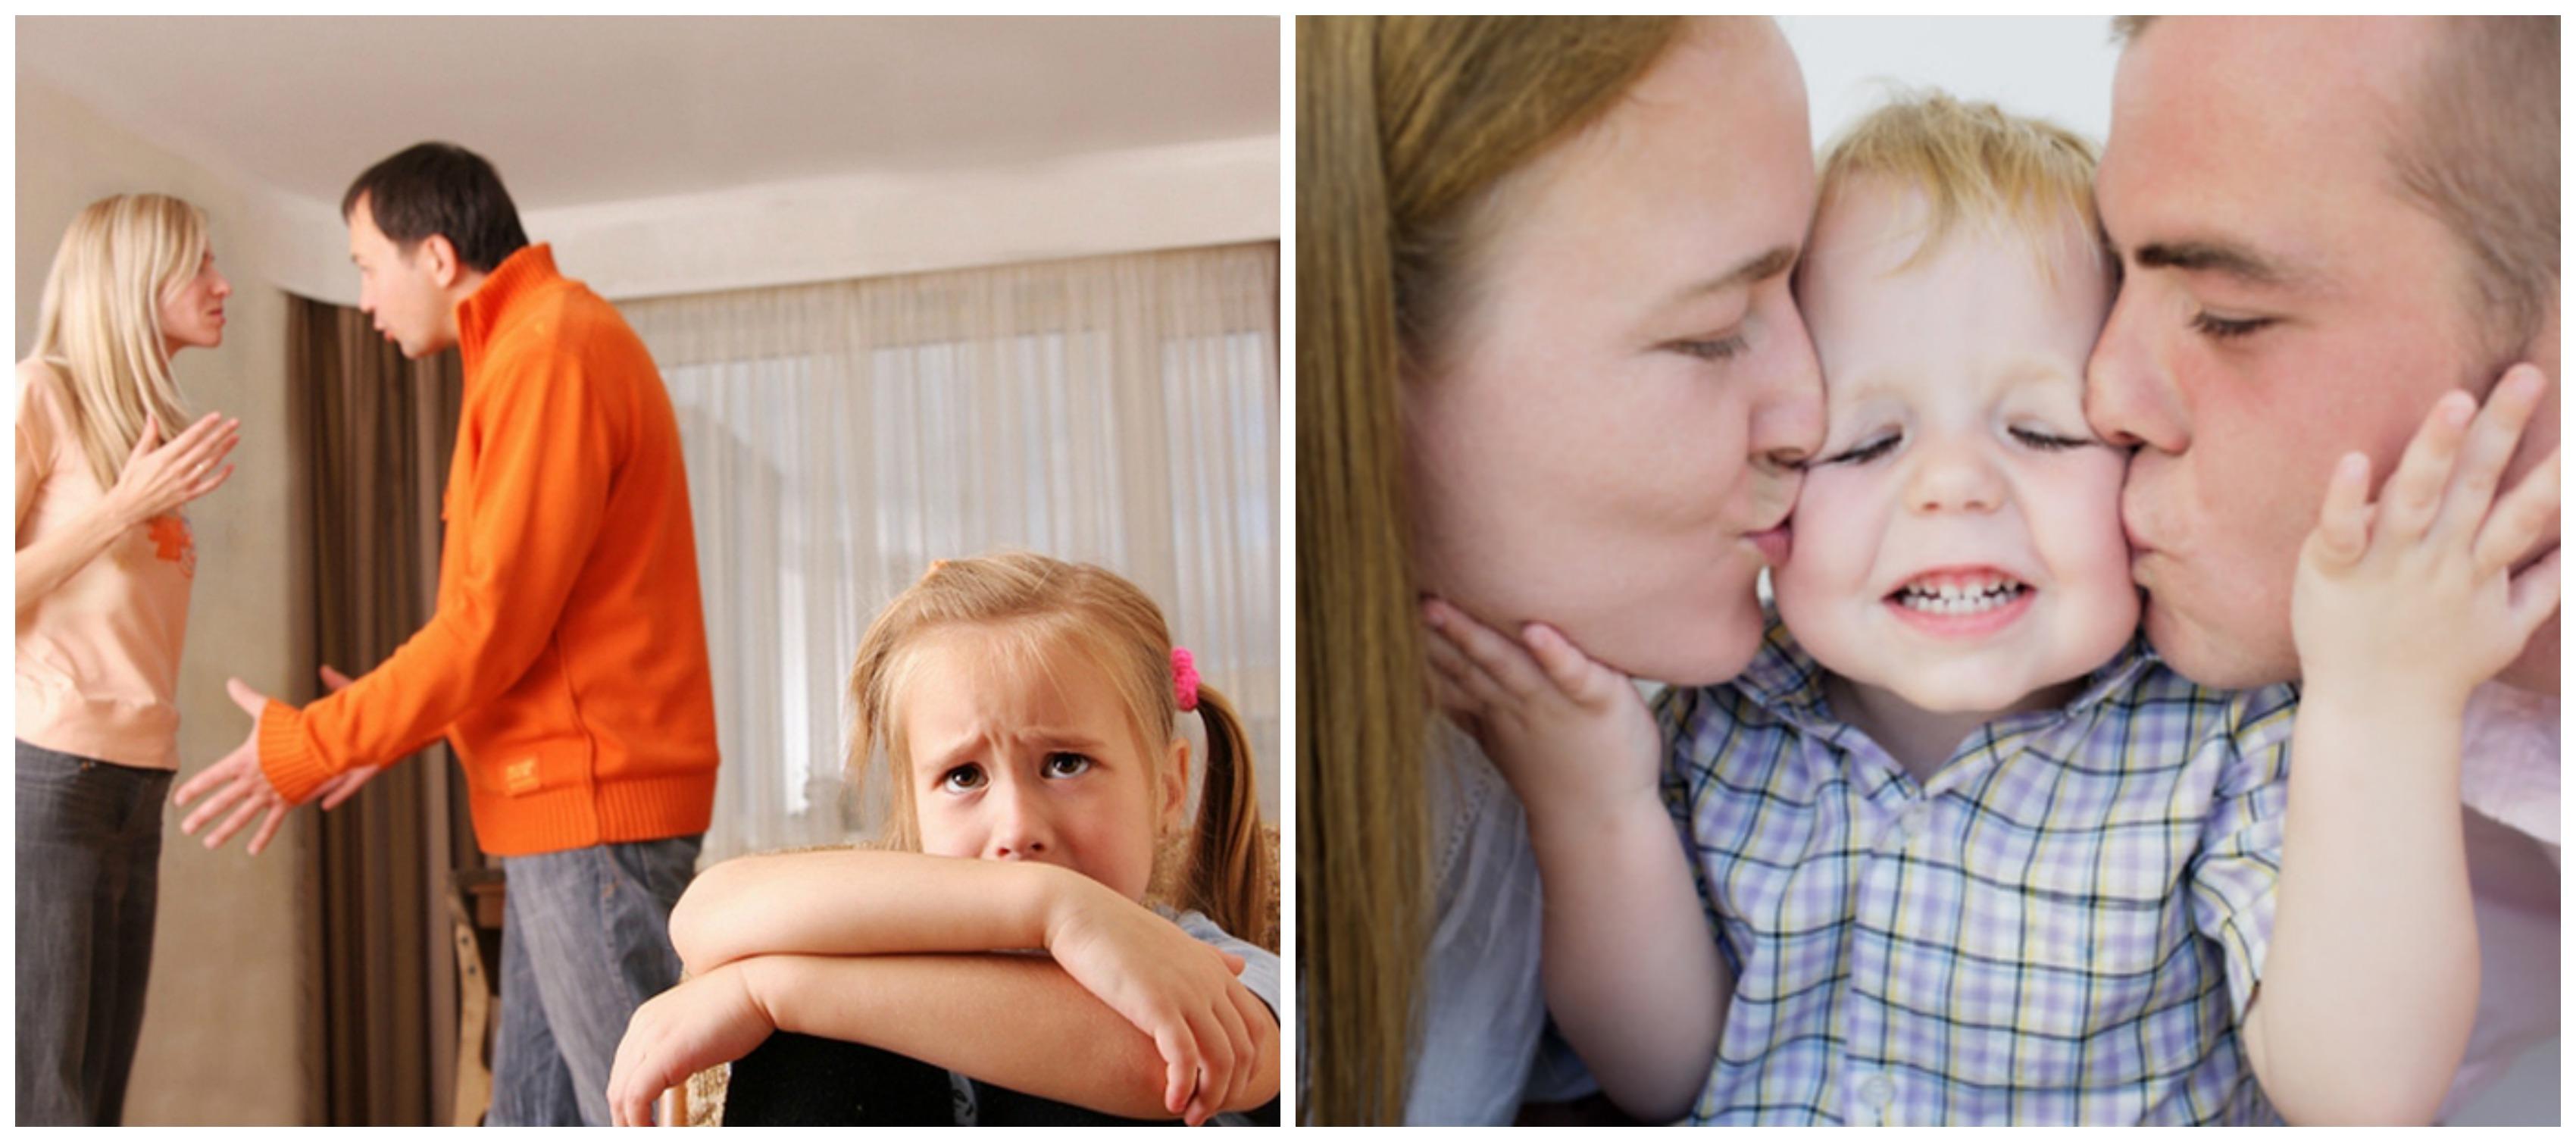 Ссоры между родителями и детьми: проблема мамы, папы и ребенка